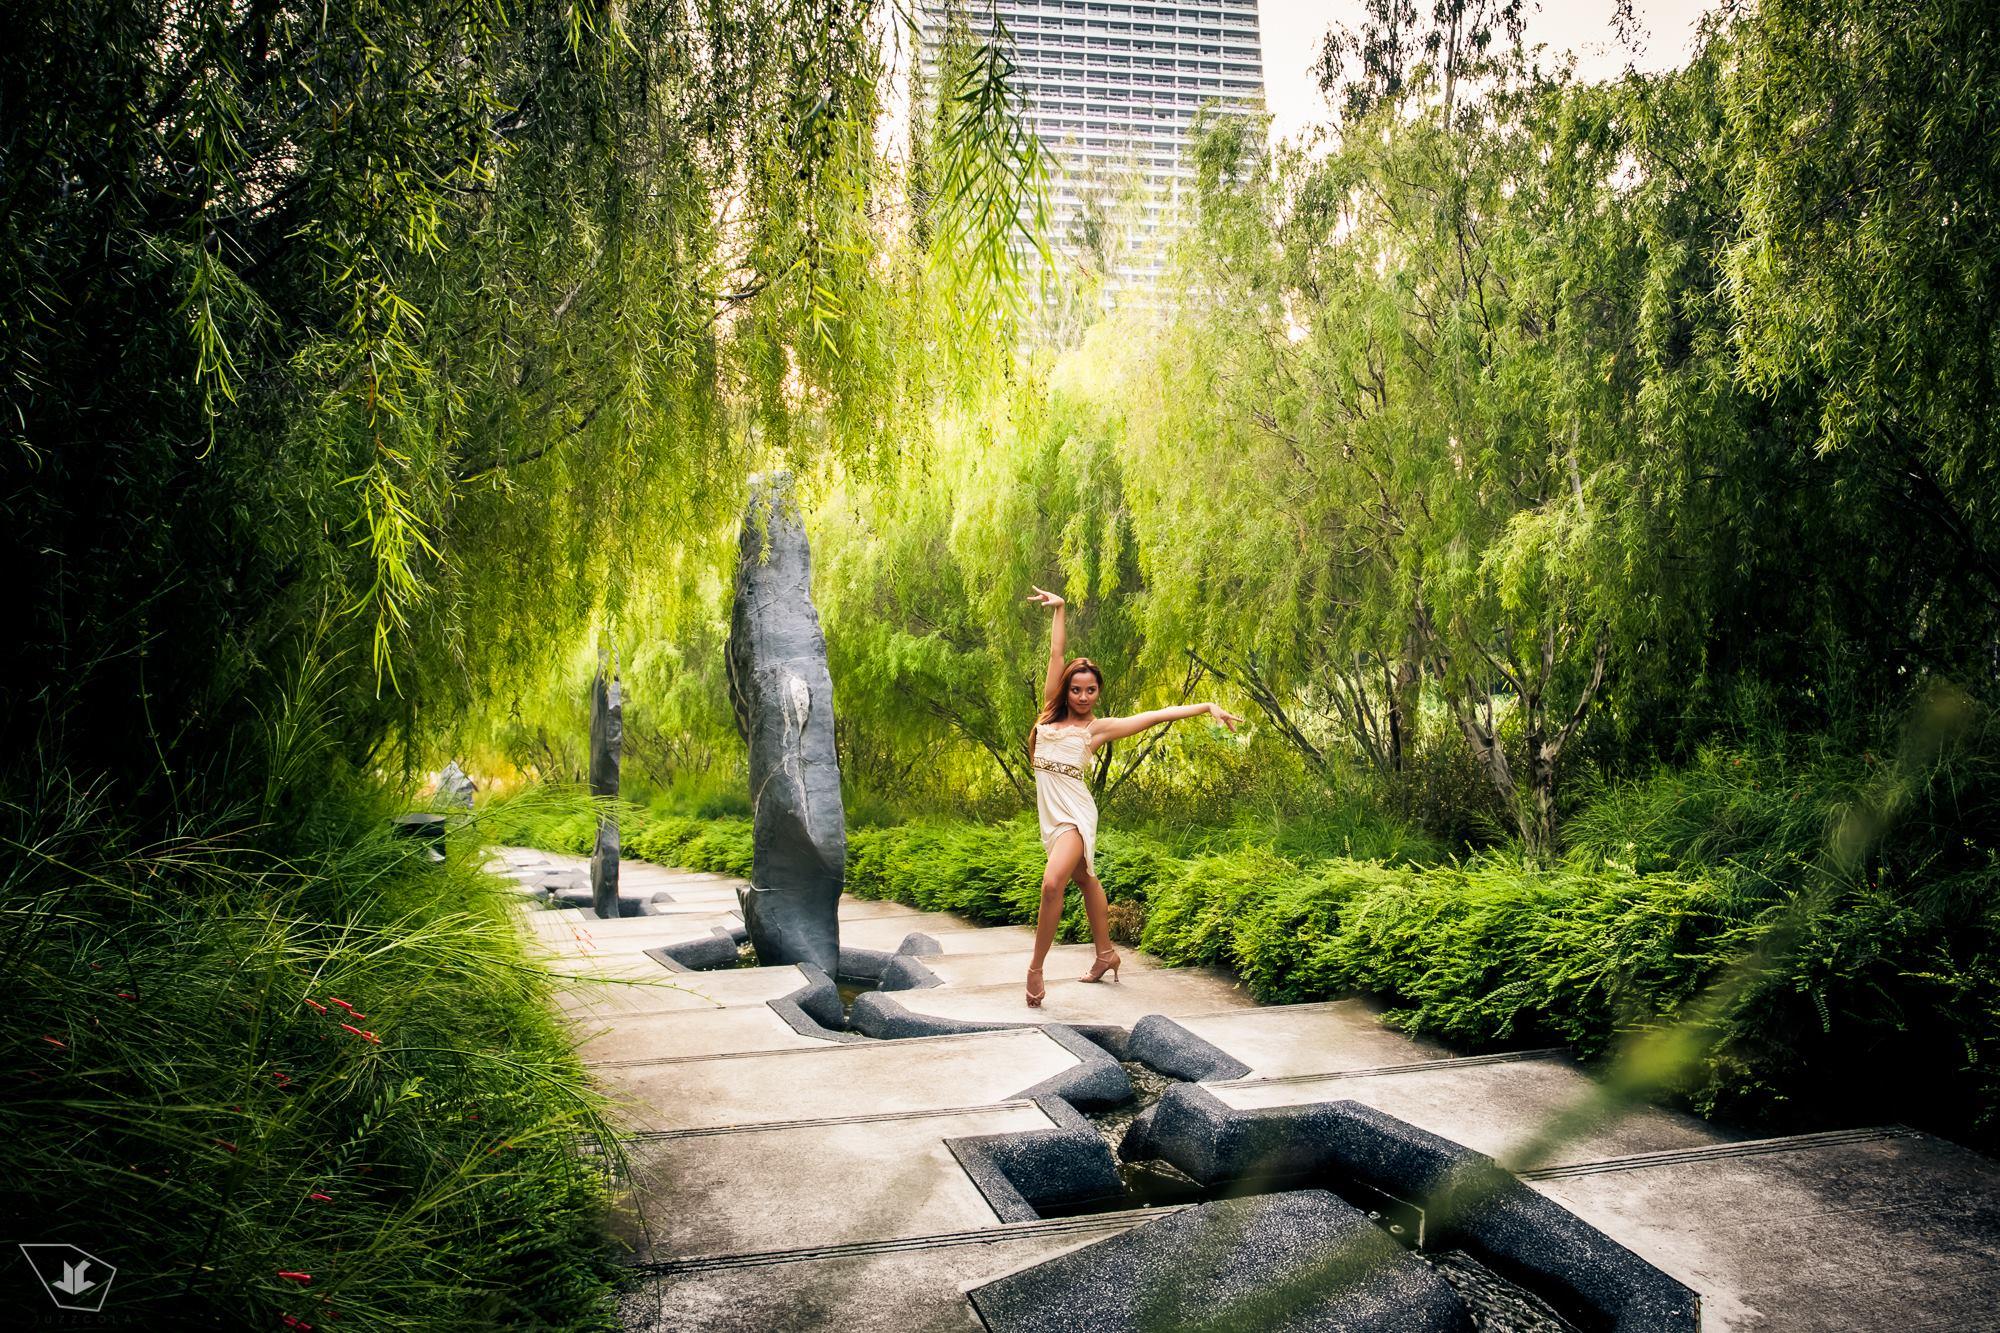 singapore-garden-city-1